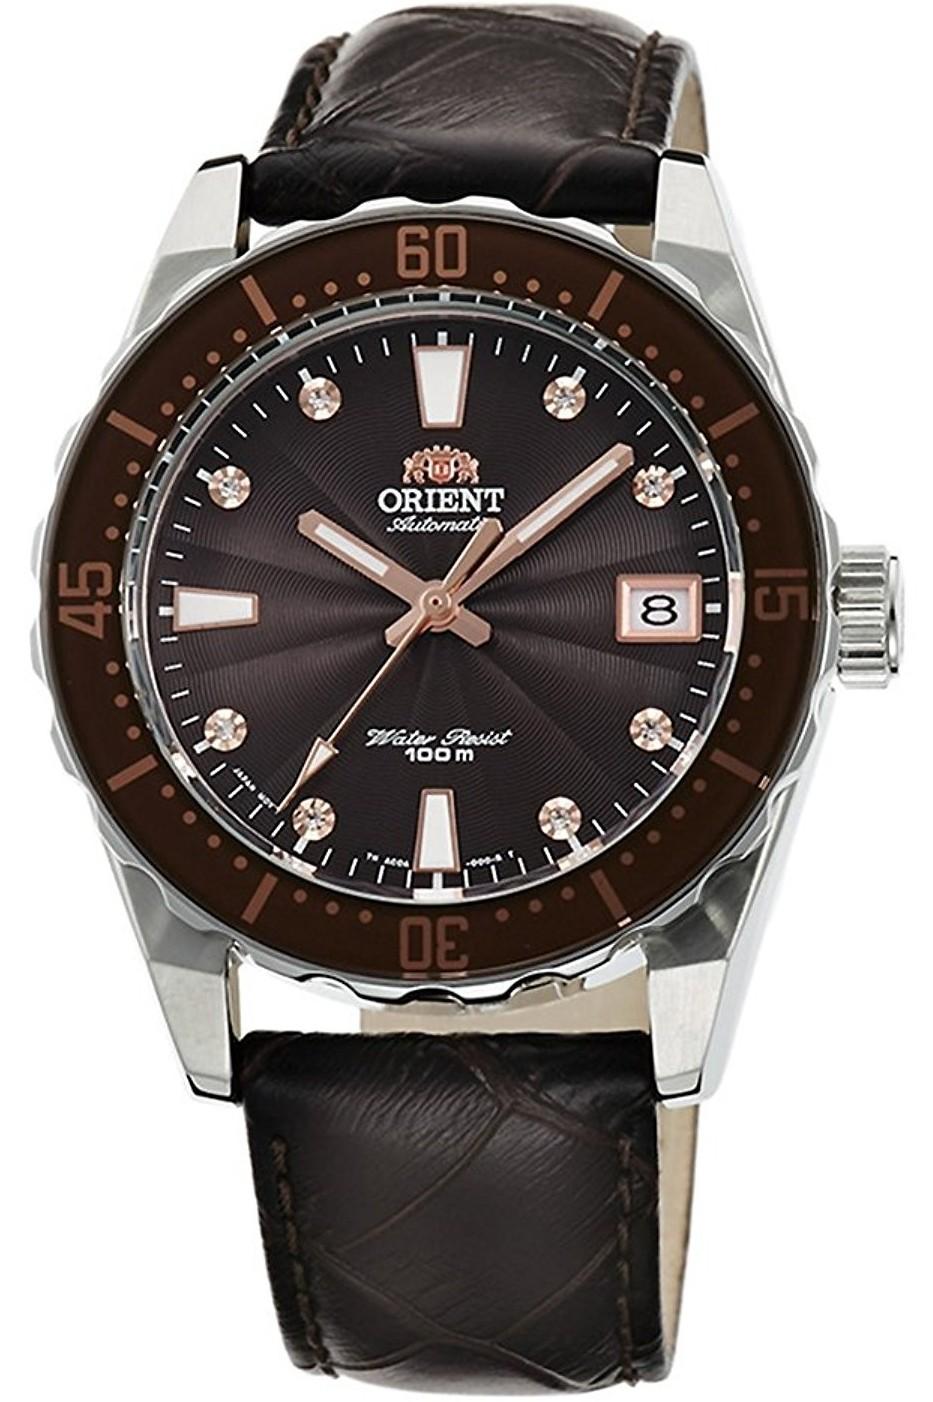 นาฬิกาผู้หญิง Orient รุ่น FAC0A005T0, Automatic